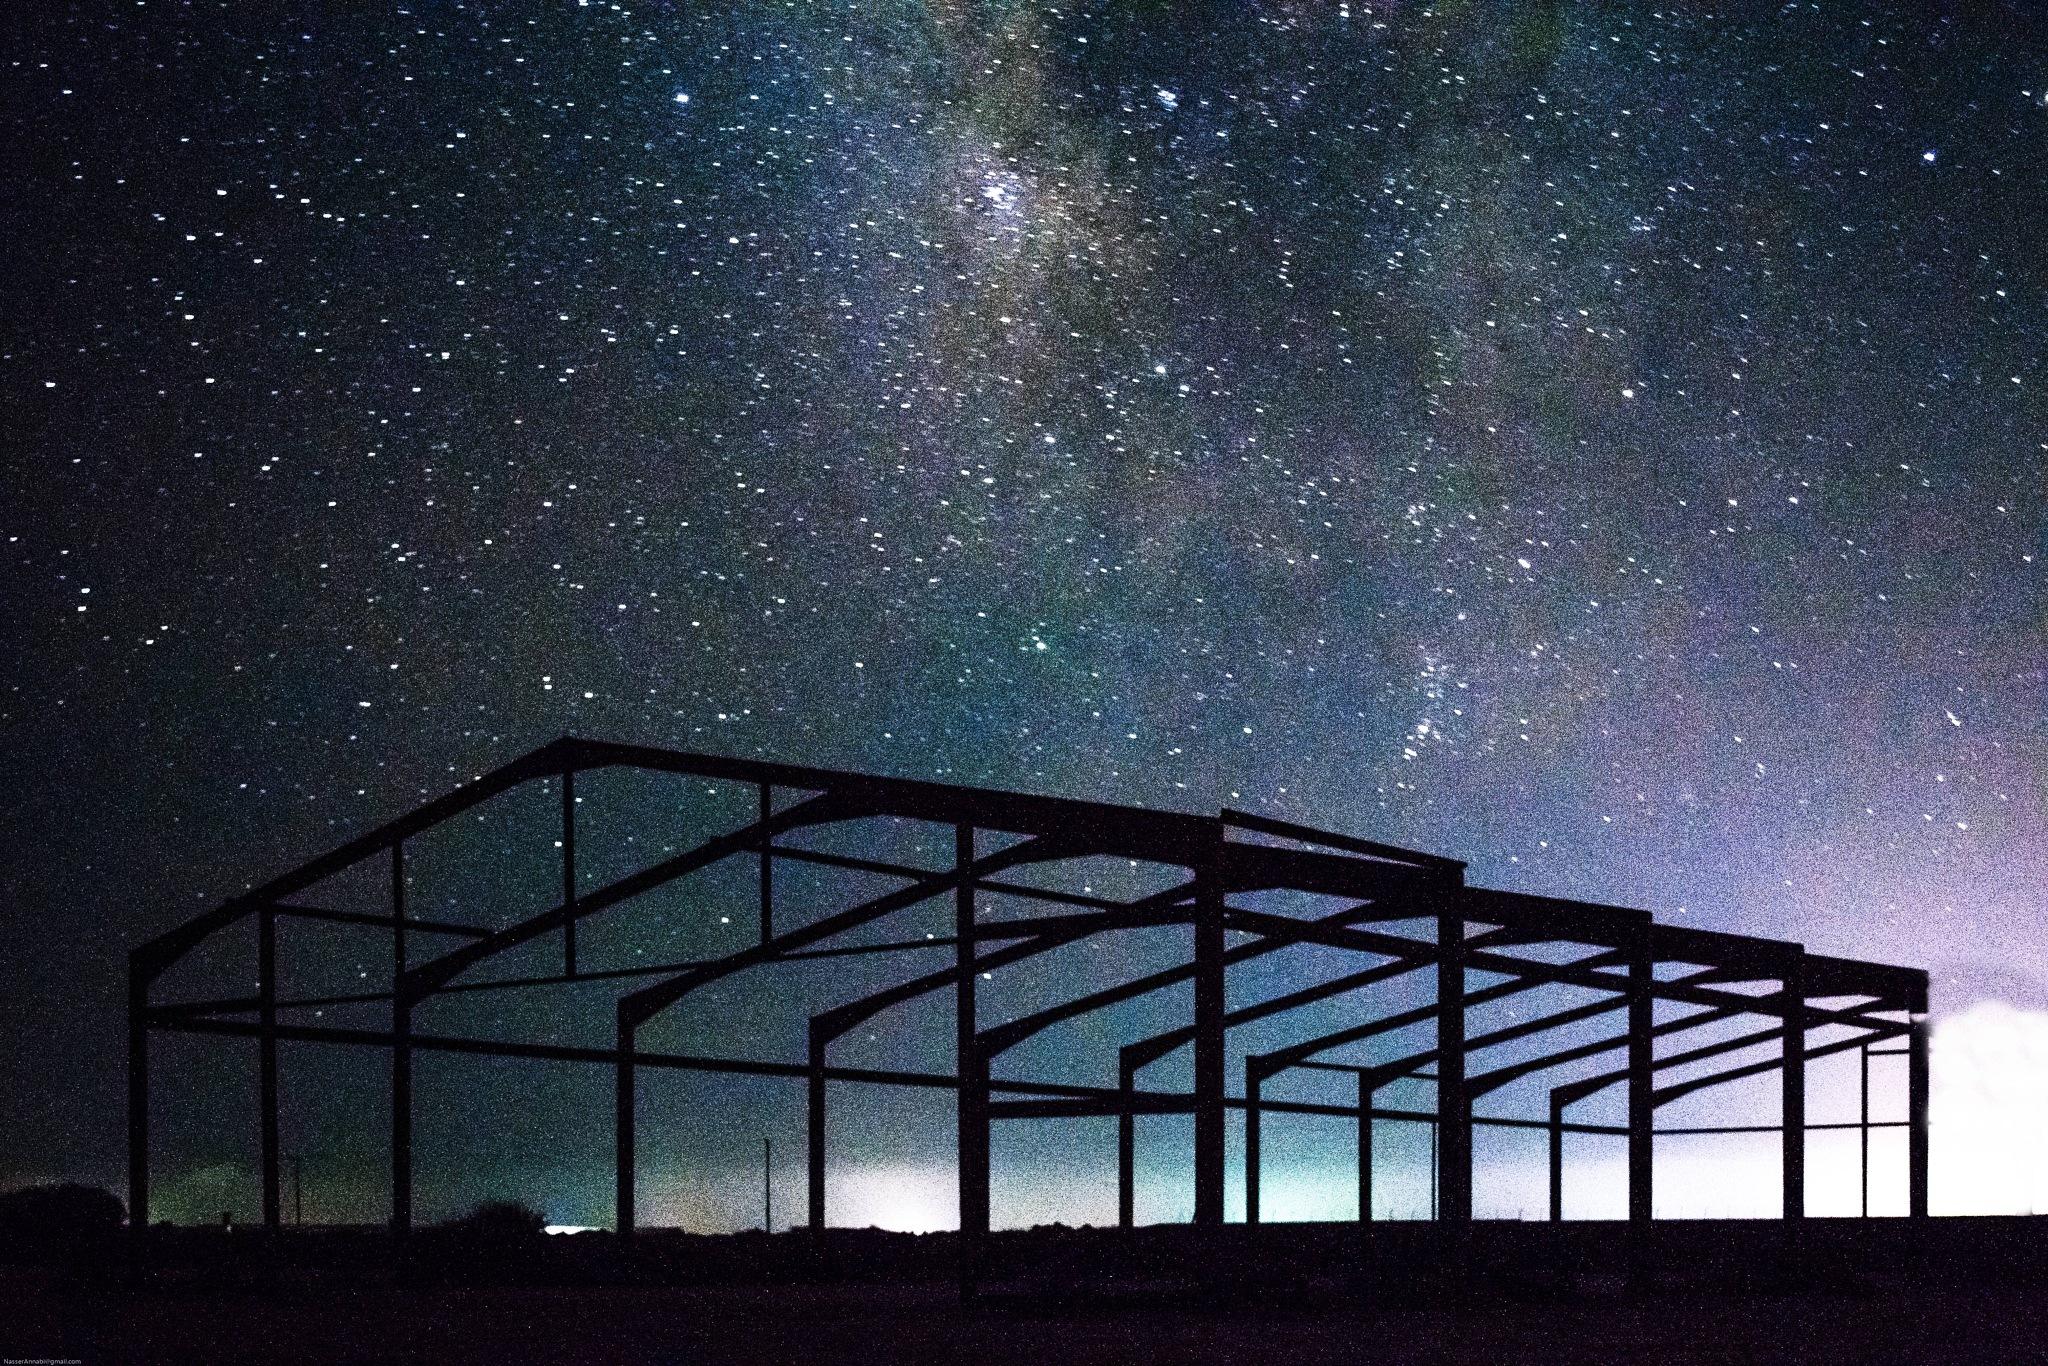 ليل ونجوم by Nasser al Annabi